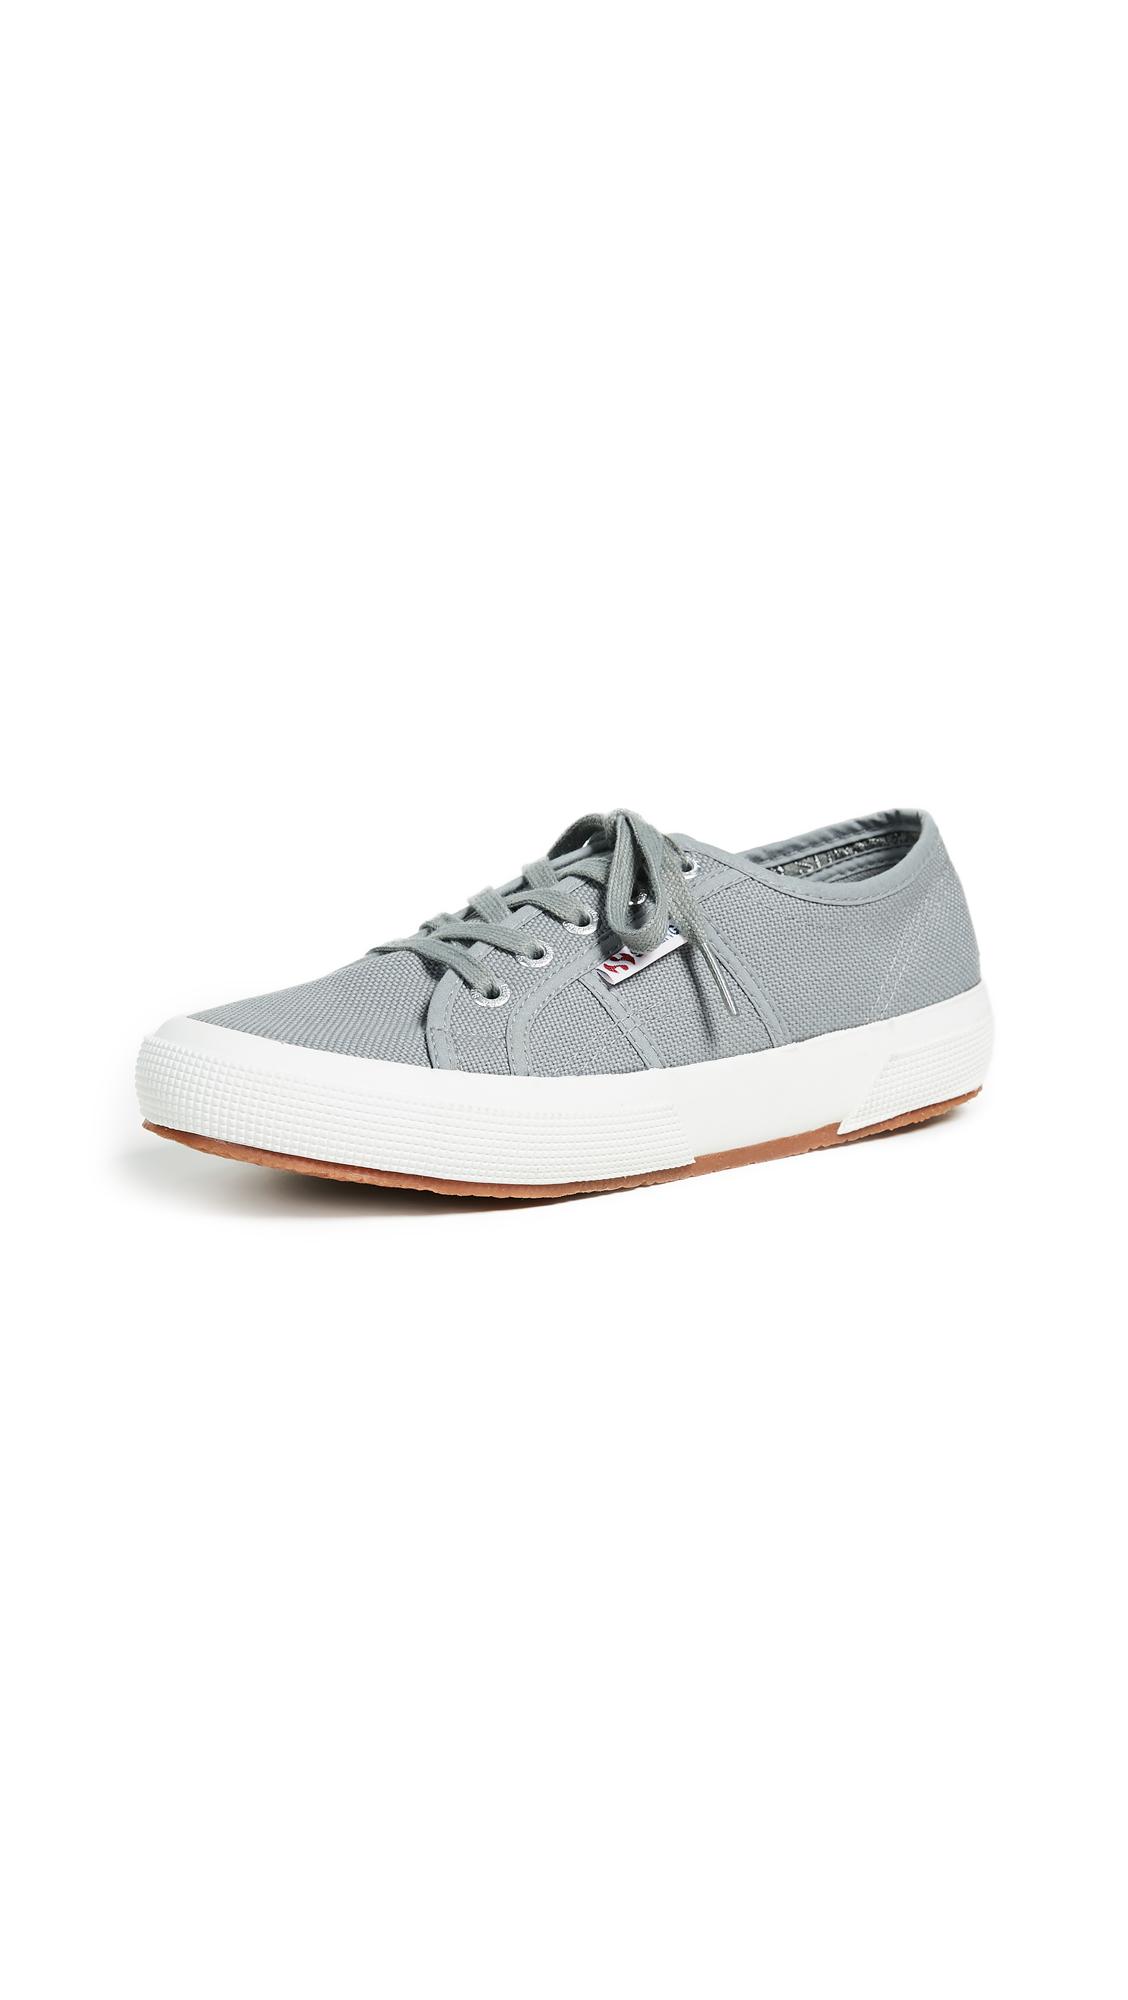 Superga 2750 Cotu Classic Sneakers - Grey Sage